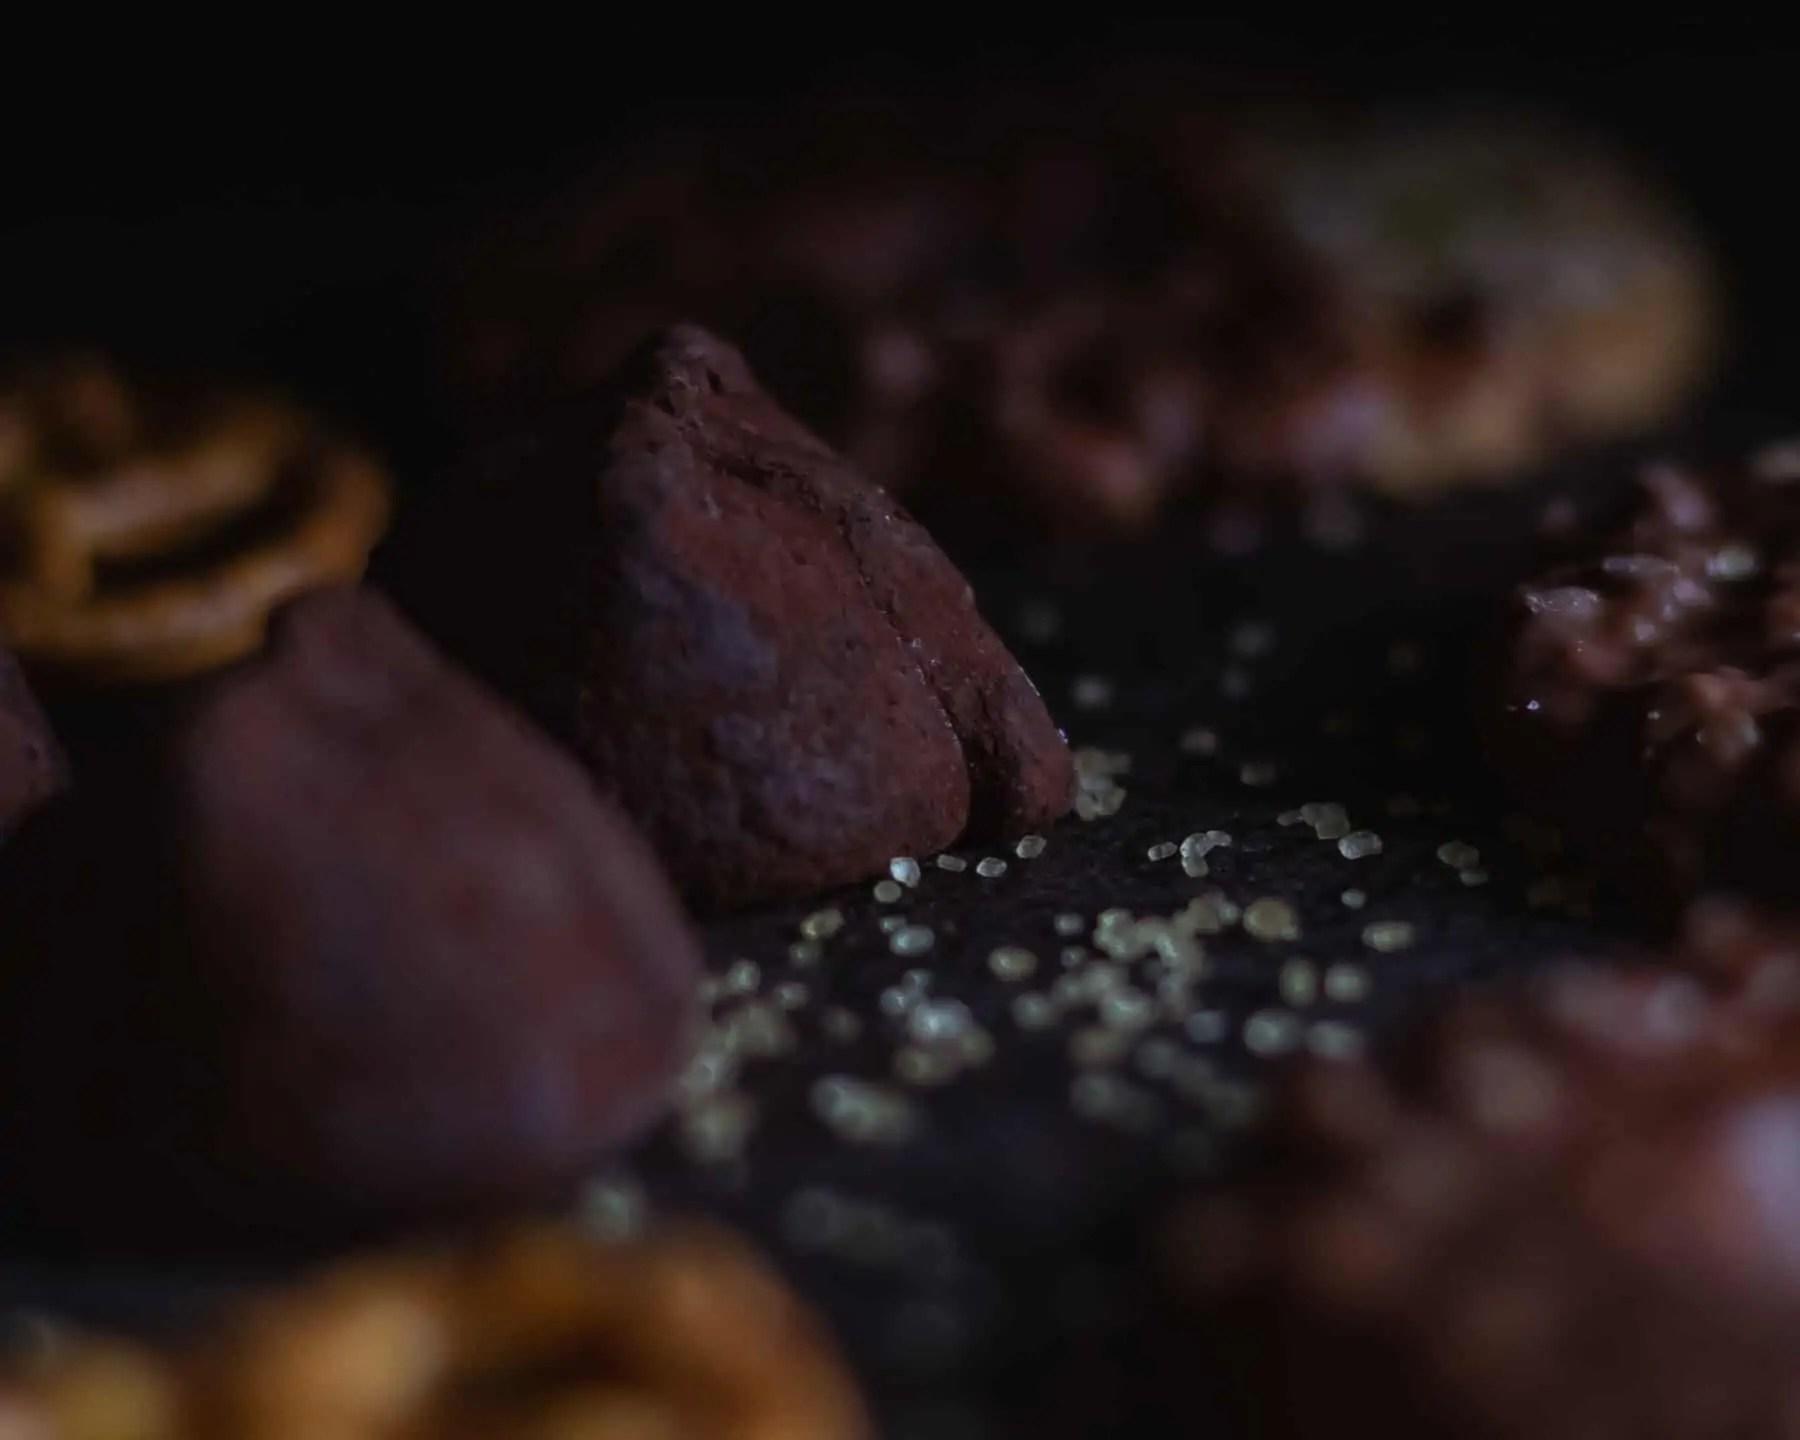 Czarna fotografia jedzenia czekolada precelki i ciastka 14 - Czarna fotografia jedzenia